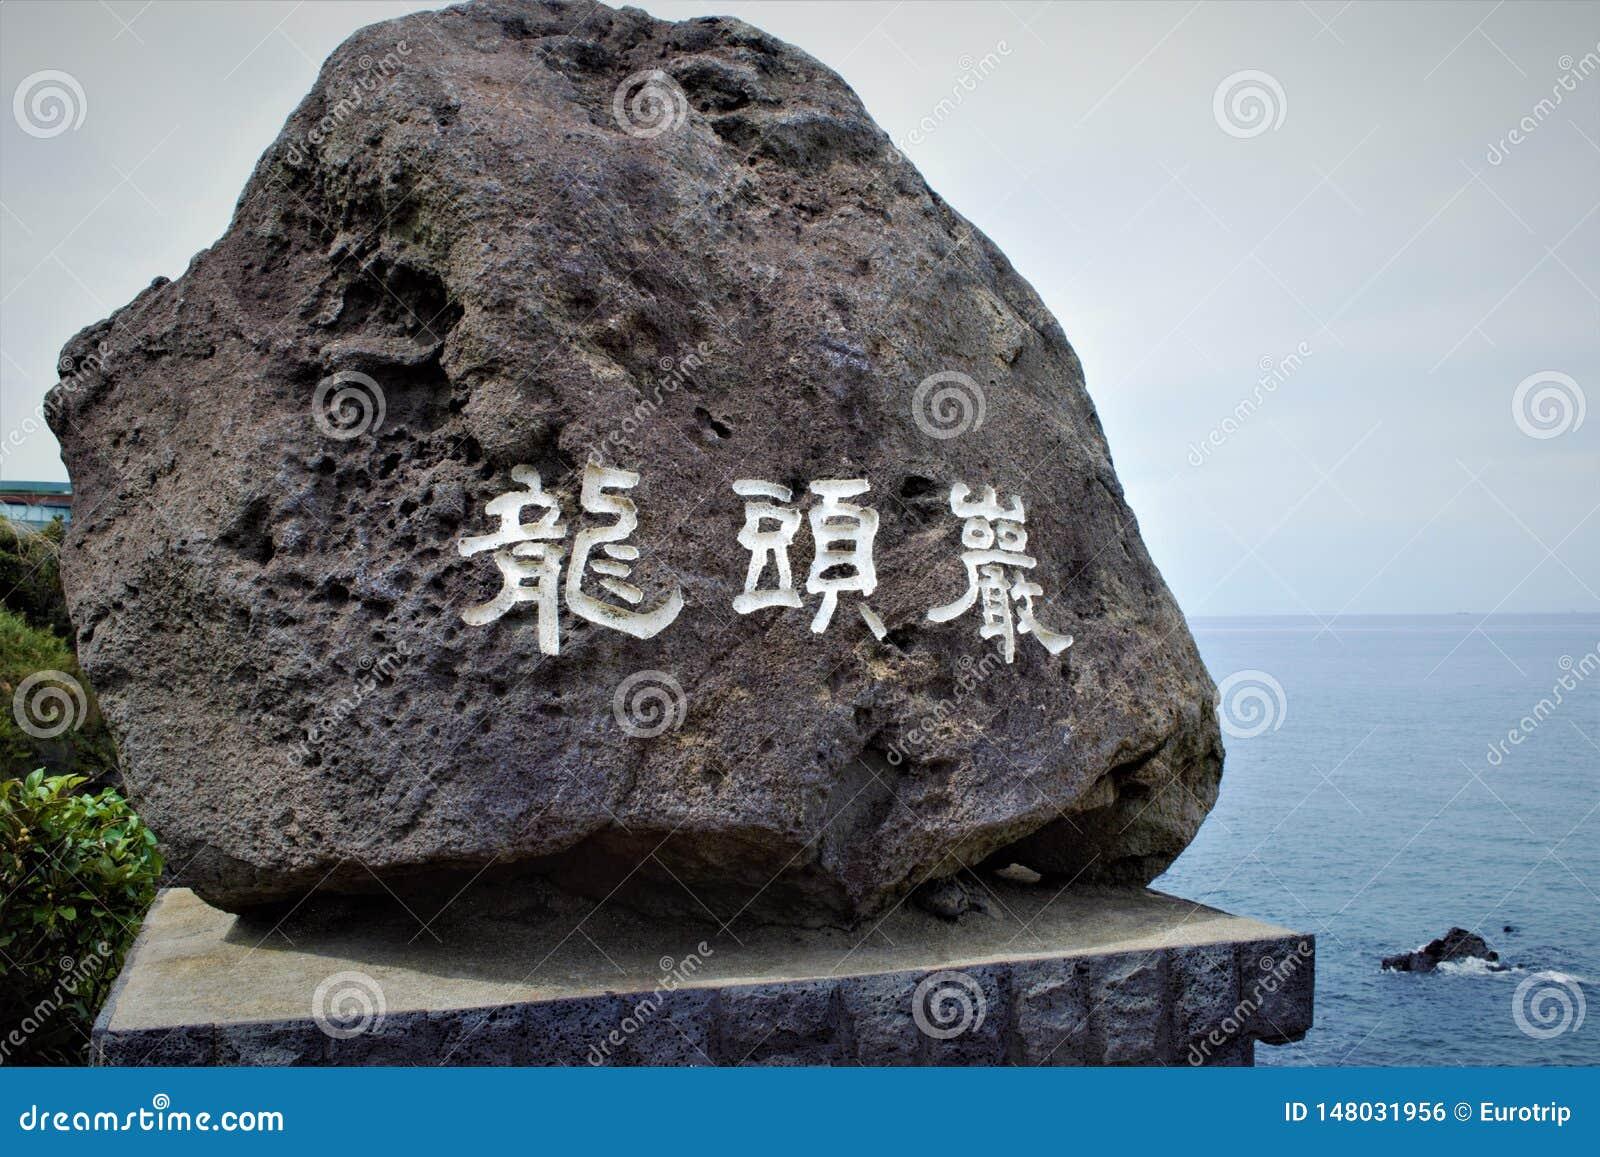 Stone with the inscription of Yongduam Rock, Dragon Head Rock in Jeju, Korea